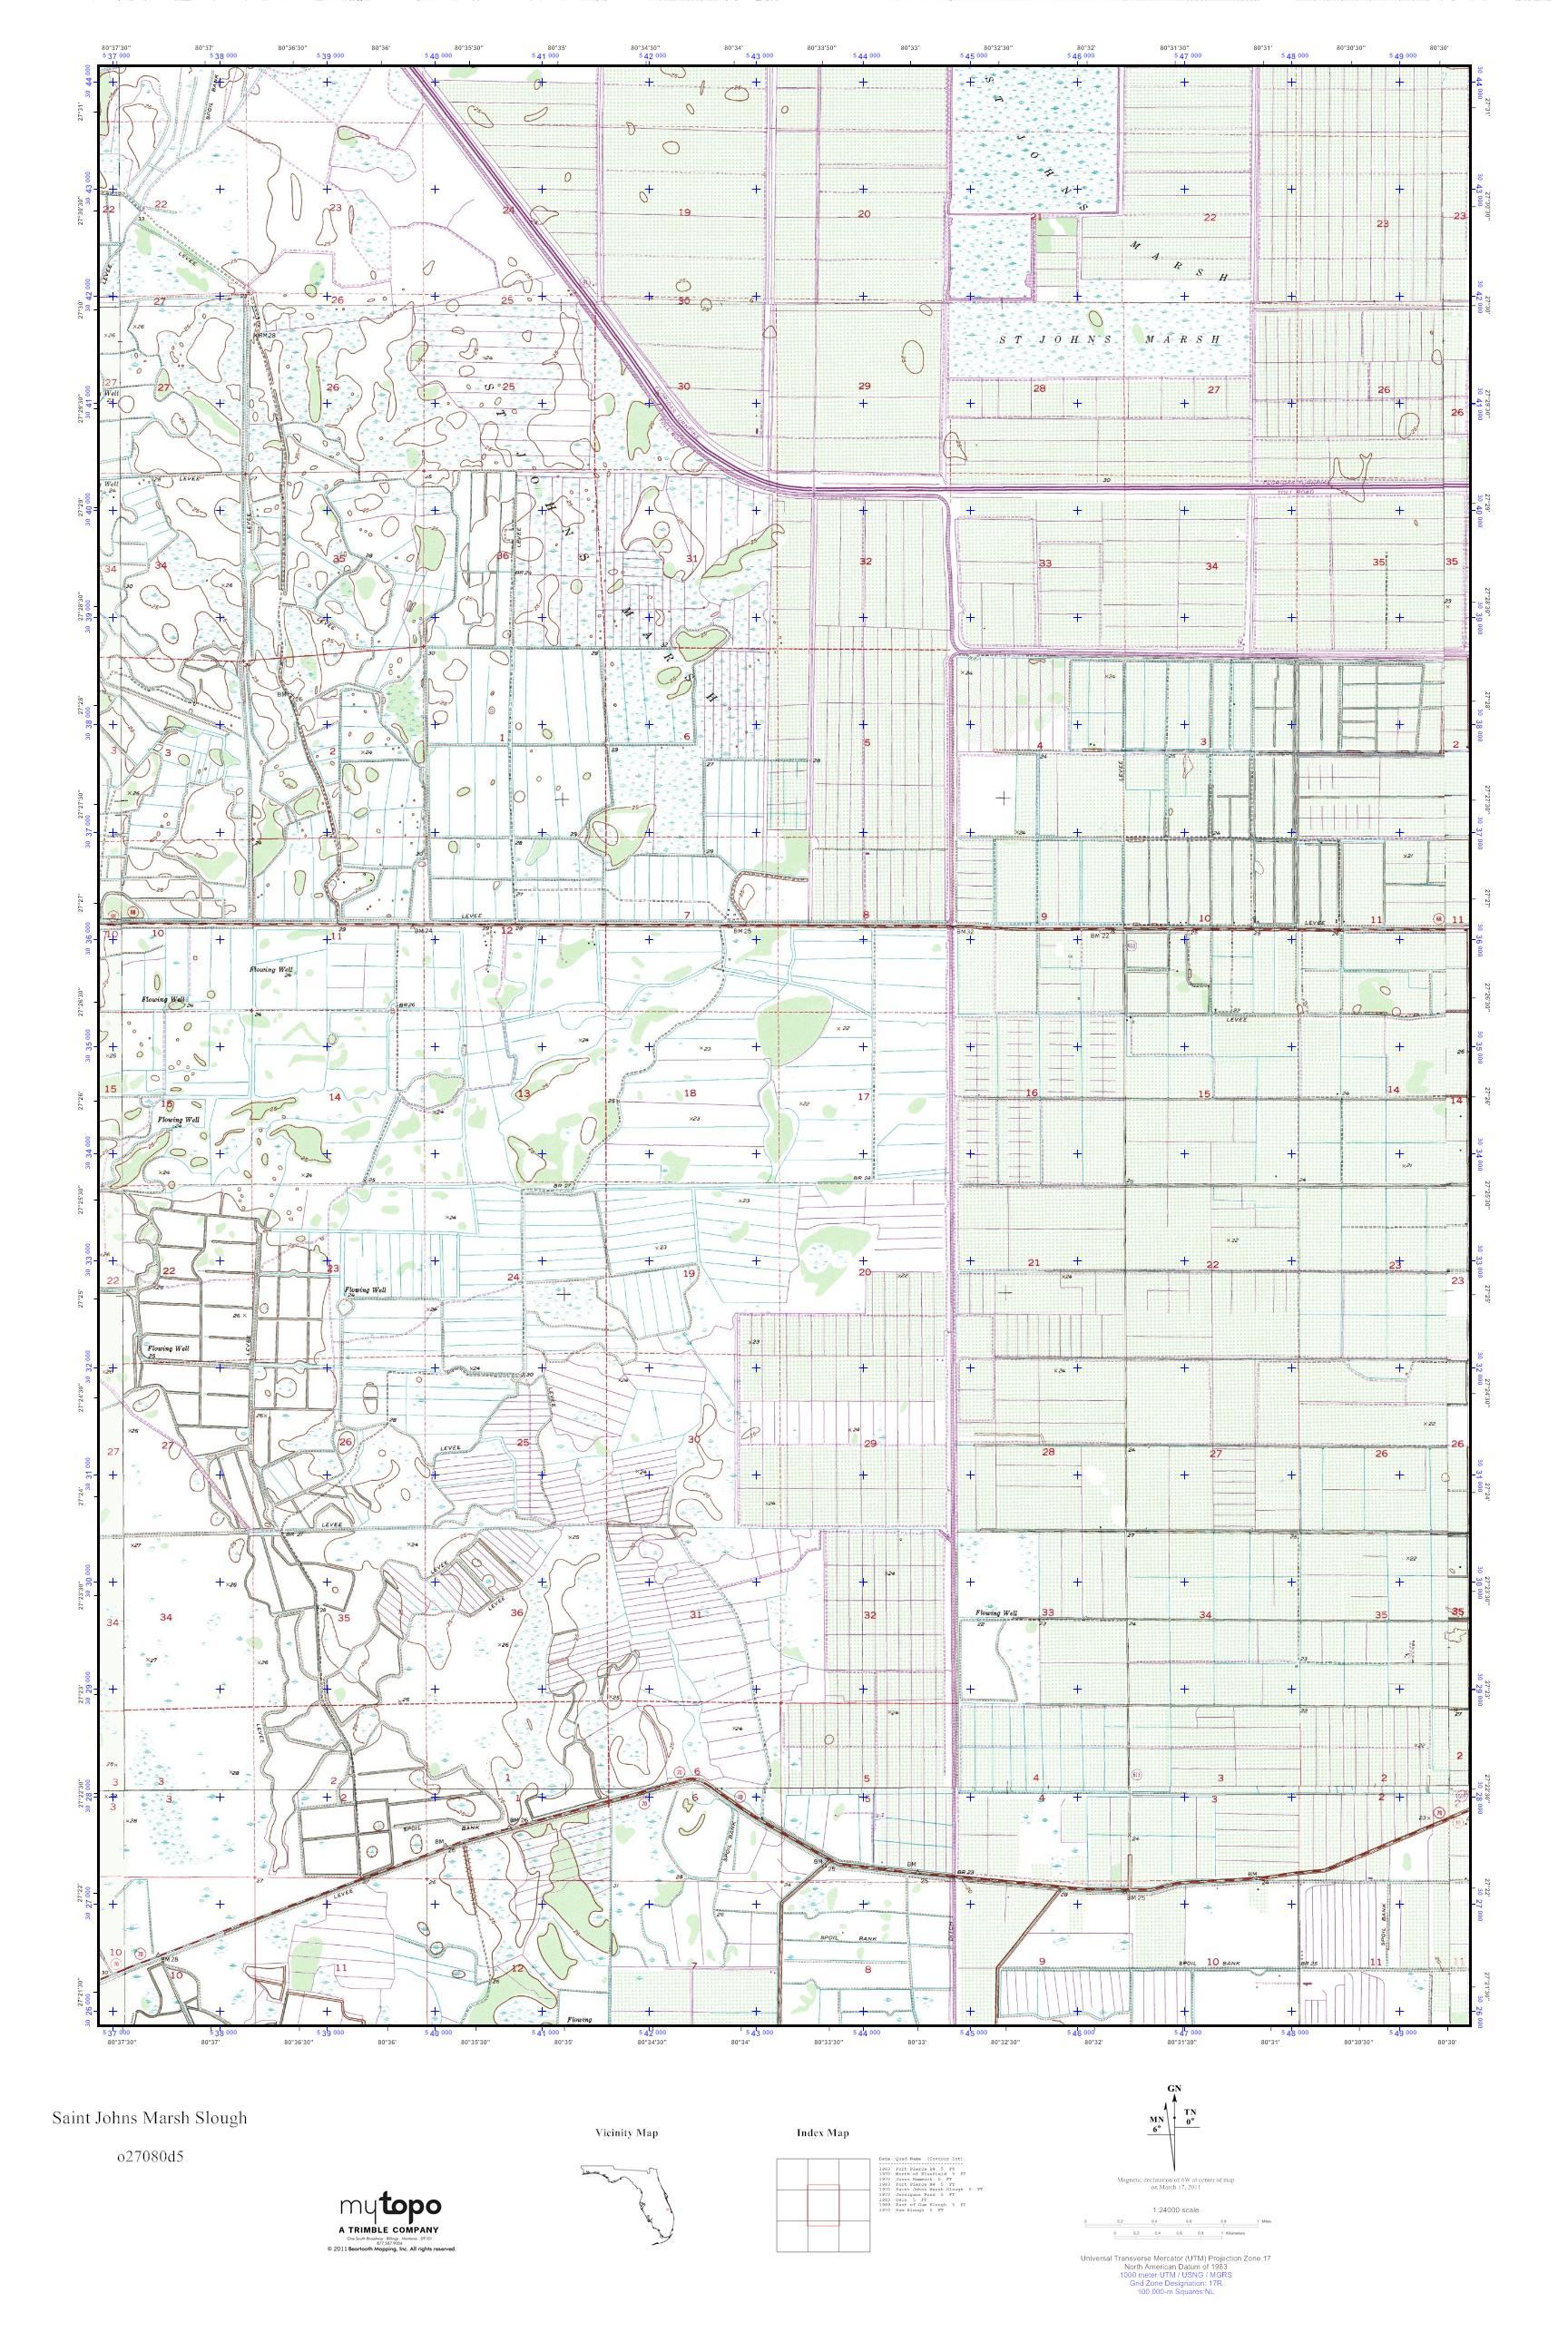 Mytopo Saint Johns Marsh Slough Florida Usgs Quad Topo Map